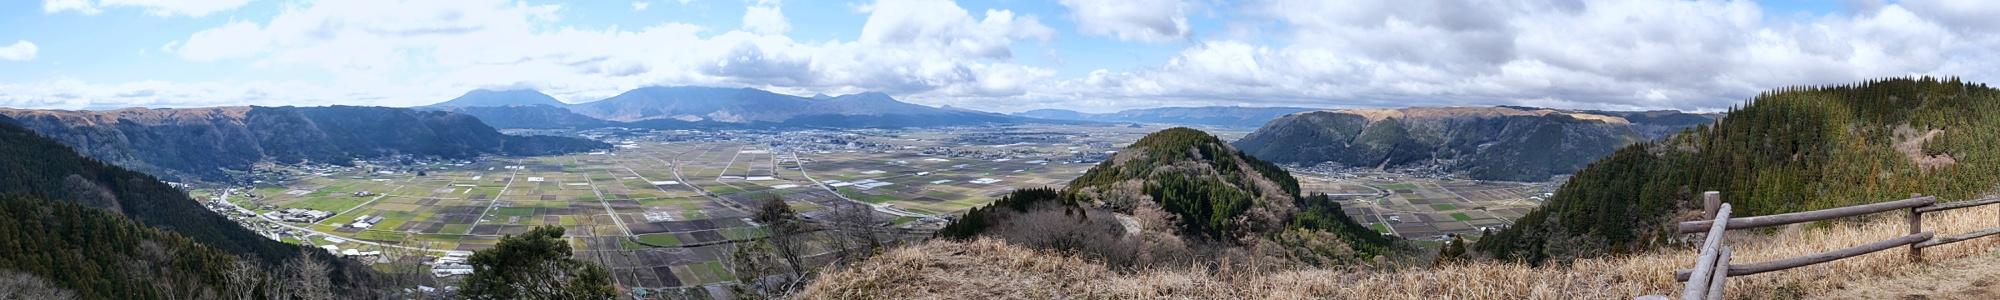 Panorama de la caldeira d'Aso